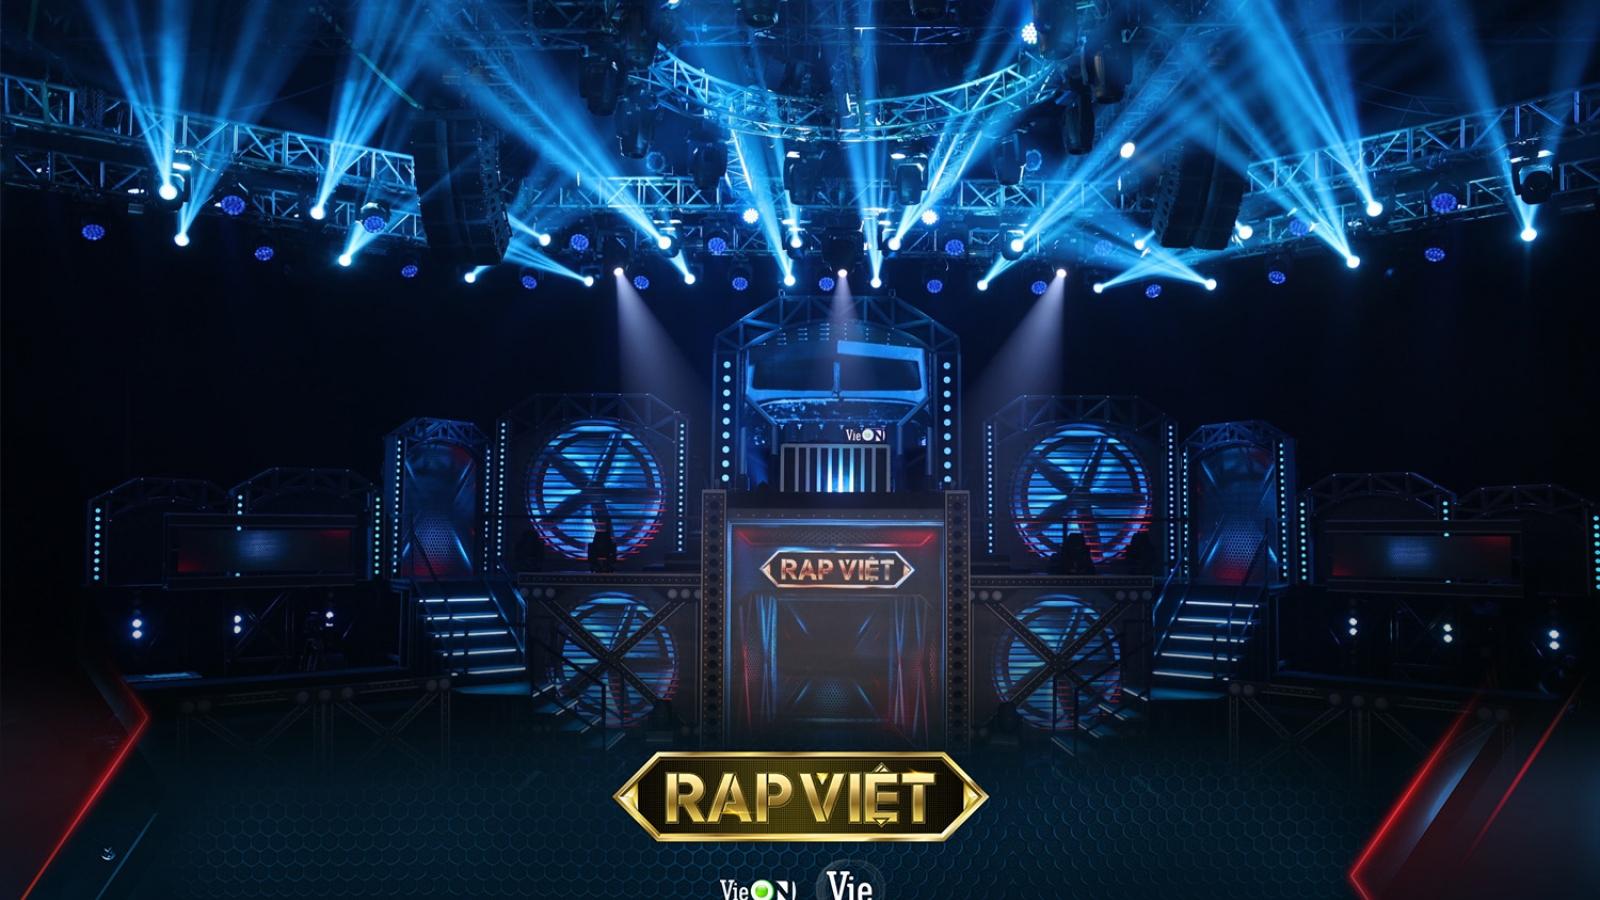 Rap Việt - Mùa 2 chính thức lên sóng trong tháng 10